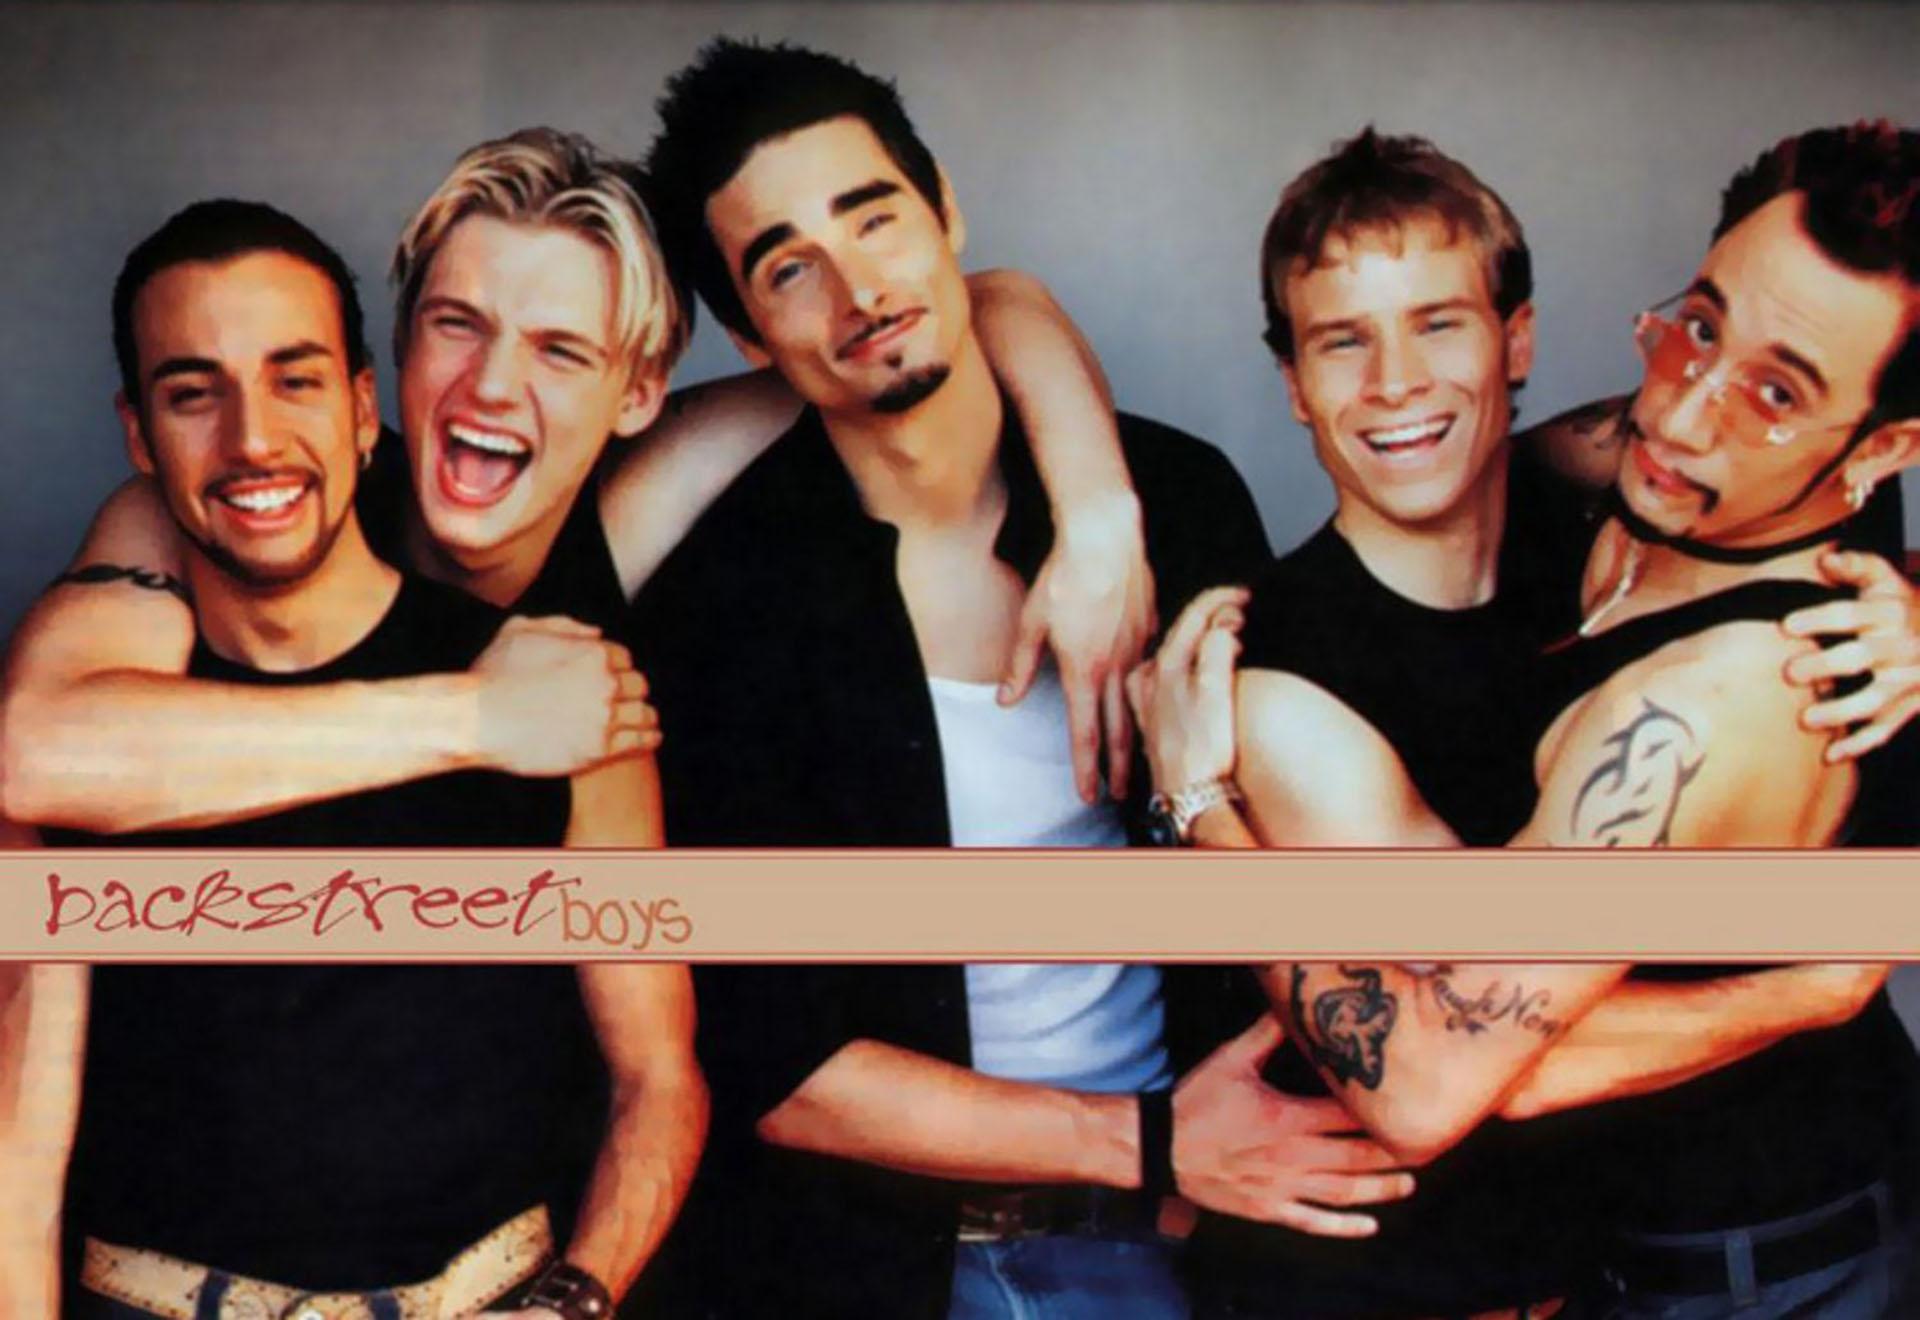 Los Backstreet Boys dominaron los años 90